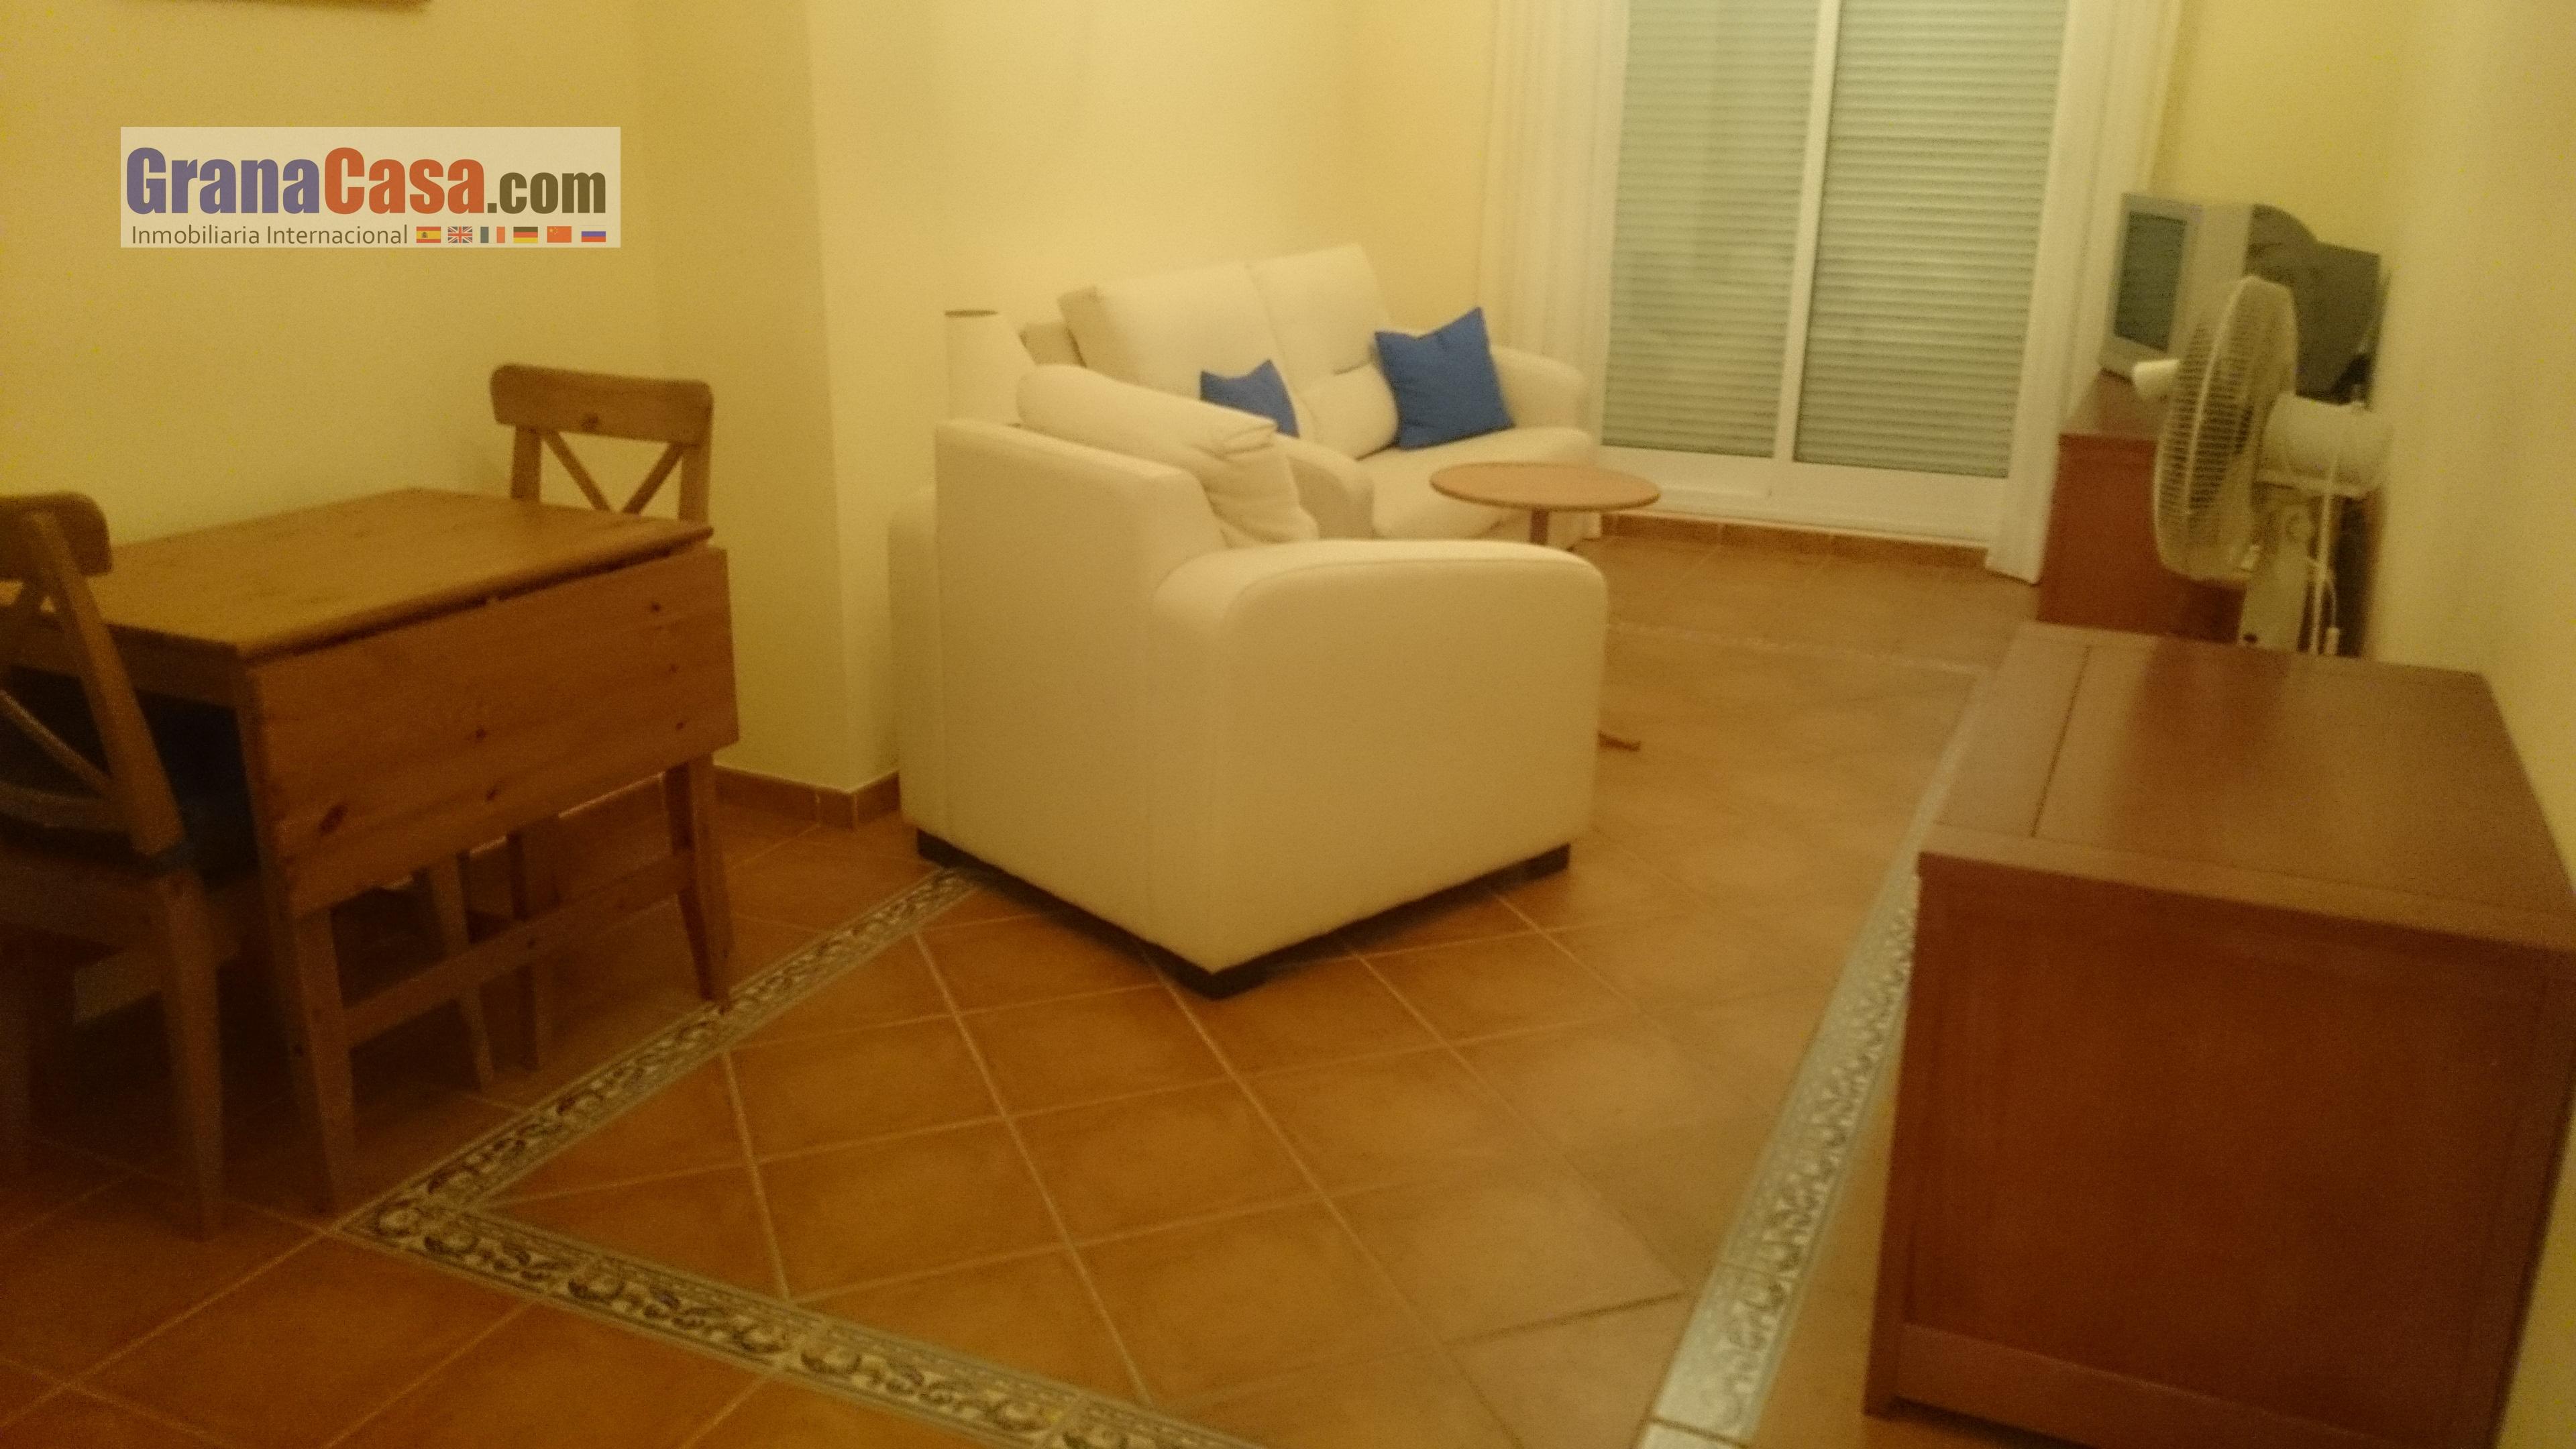 Venta de piso de 1 dormitorio en villas de almerimar golf for Piso 1 dormitorio